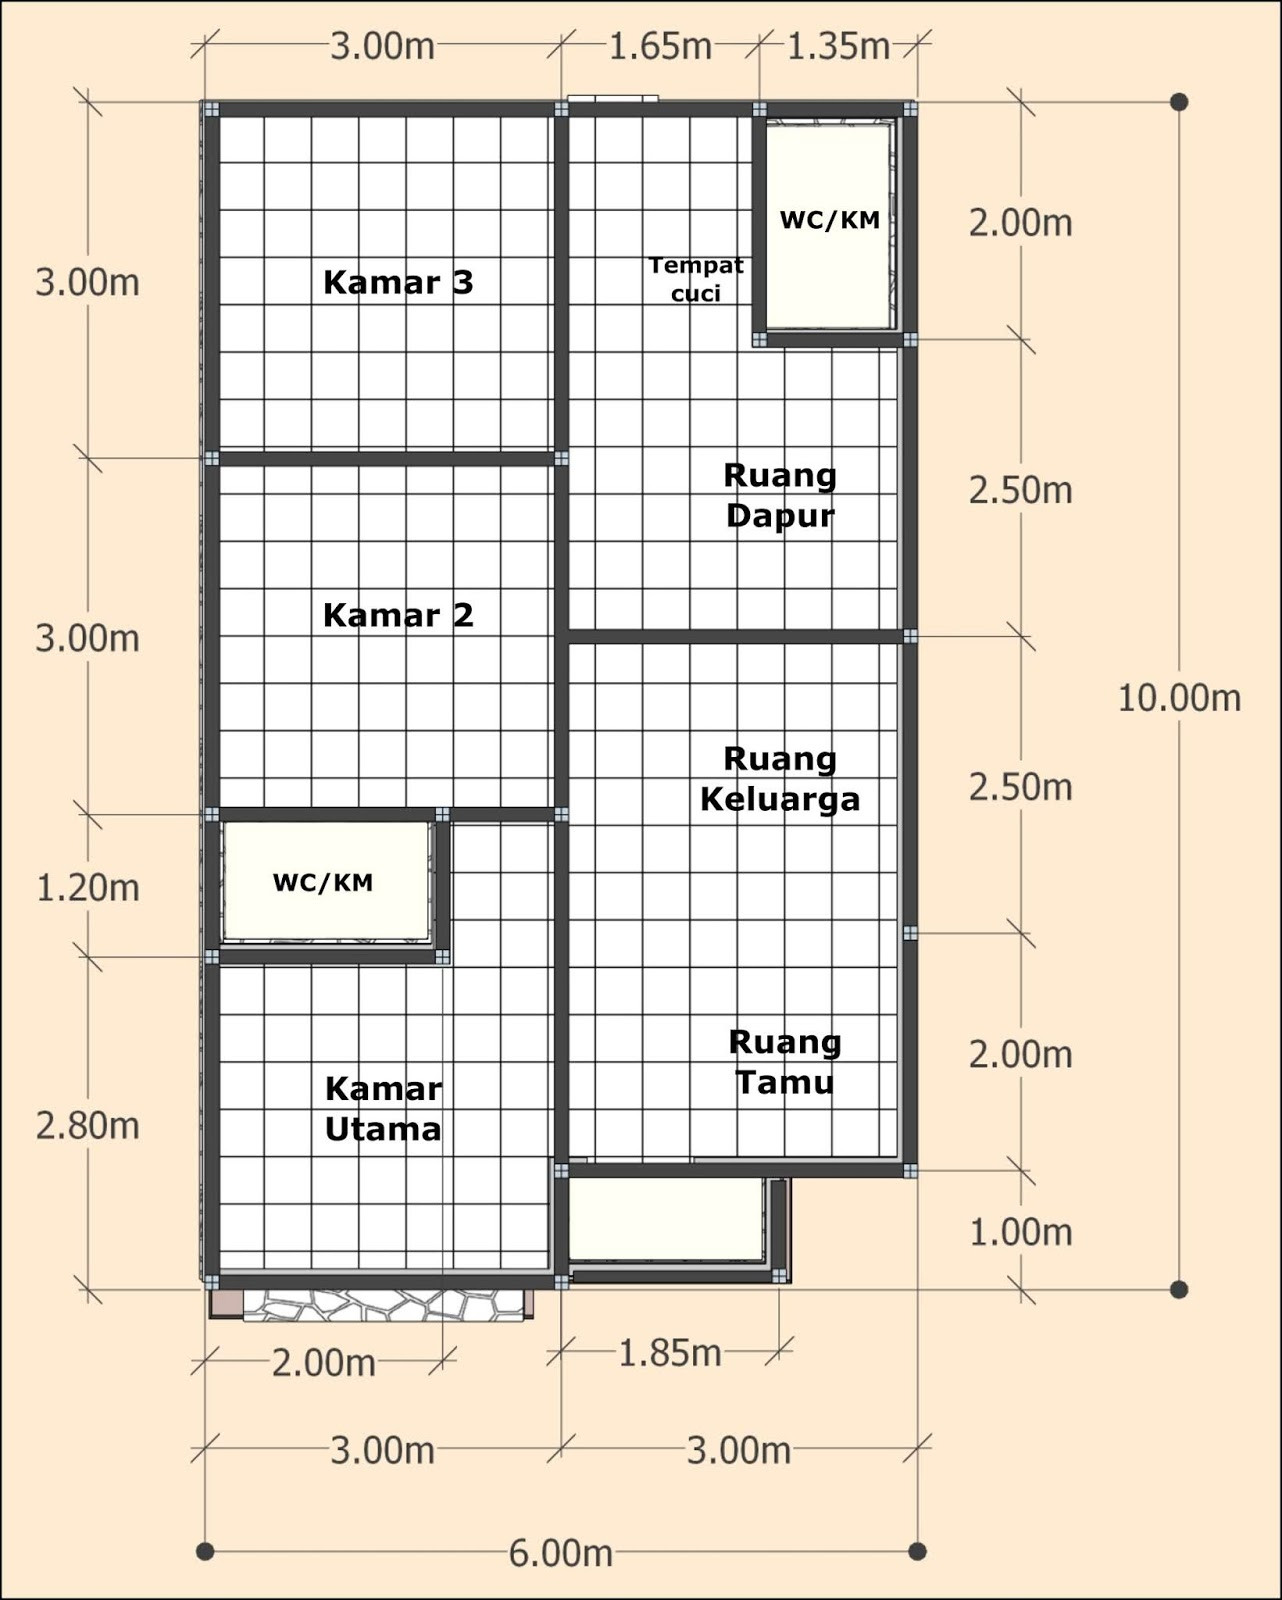 Desain Rumah Minimalis Sederhana 6x10 meter 3 Kamar Tidur